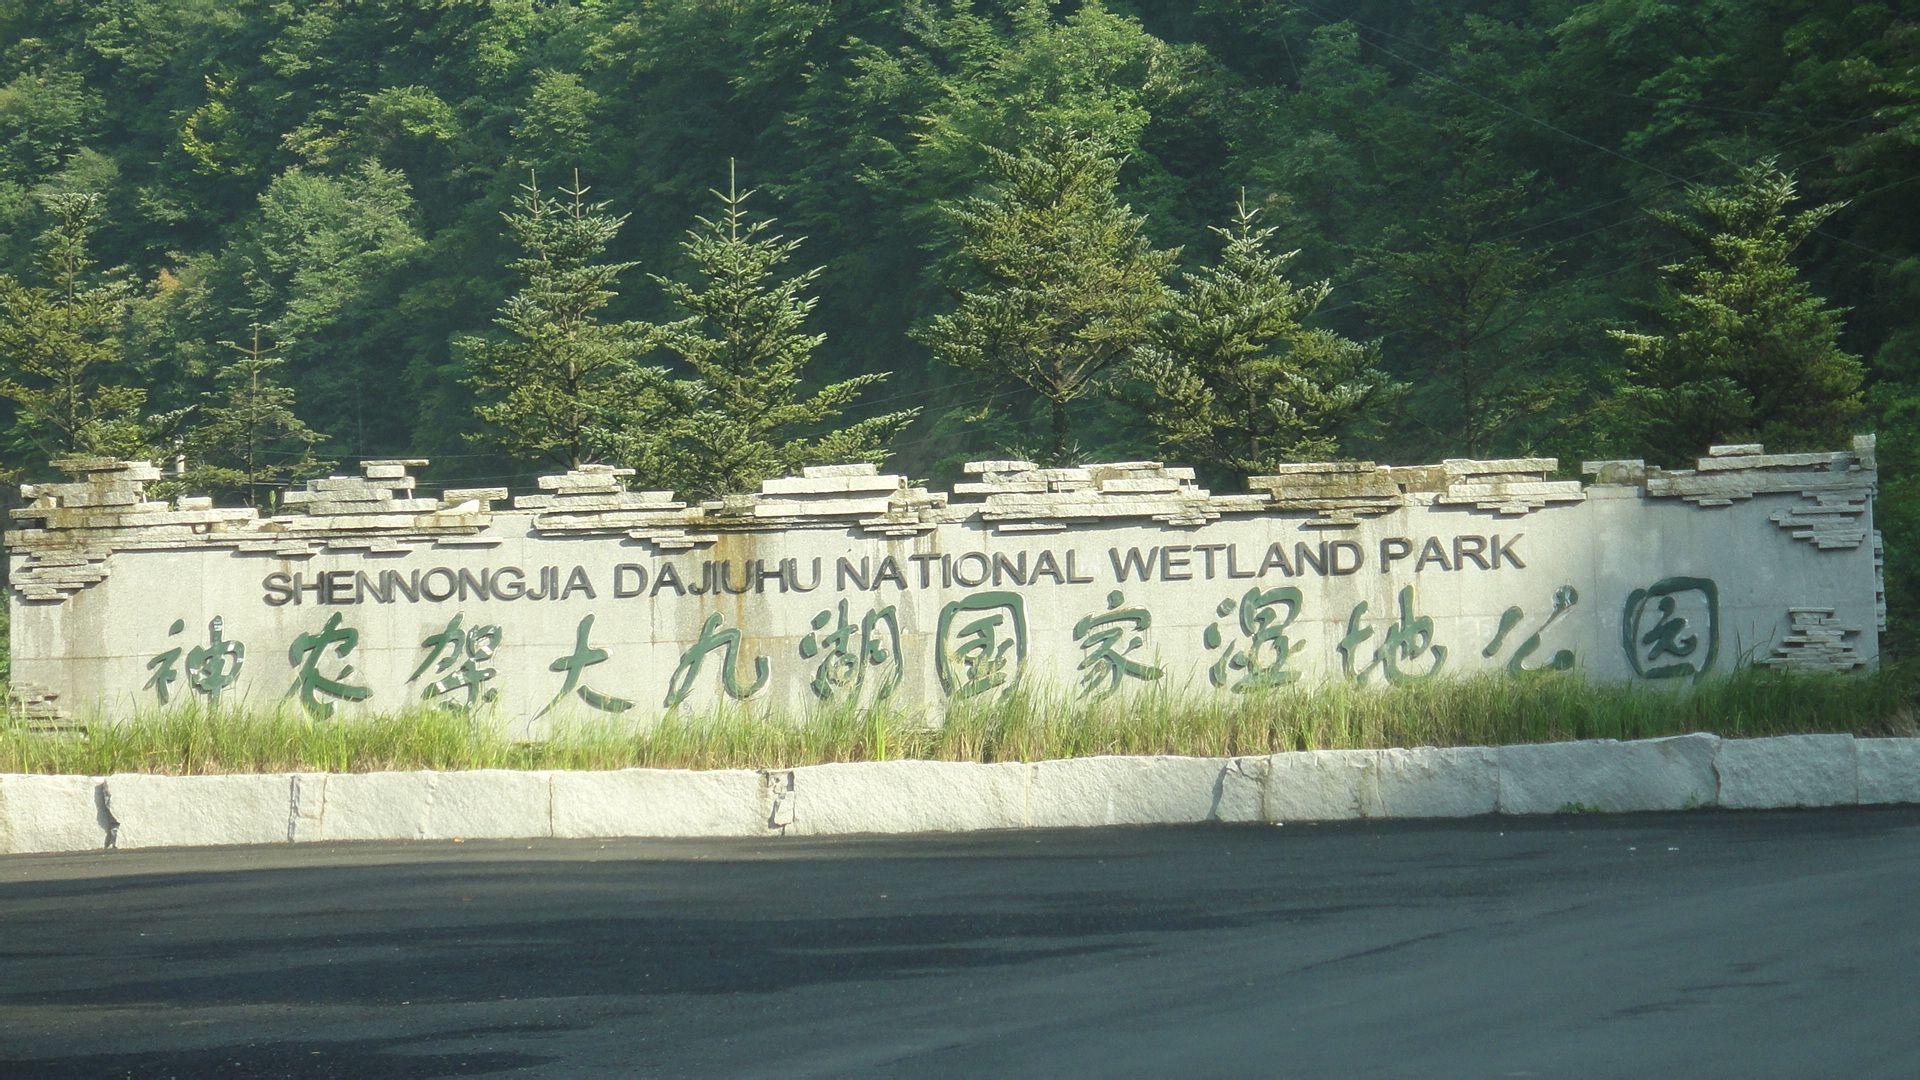 湖北 旅游景点湖北武汉旅游景点湖北恩施旅游景点